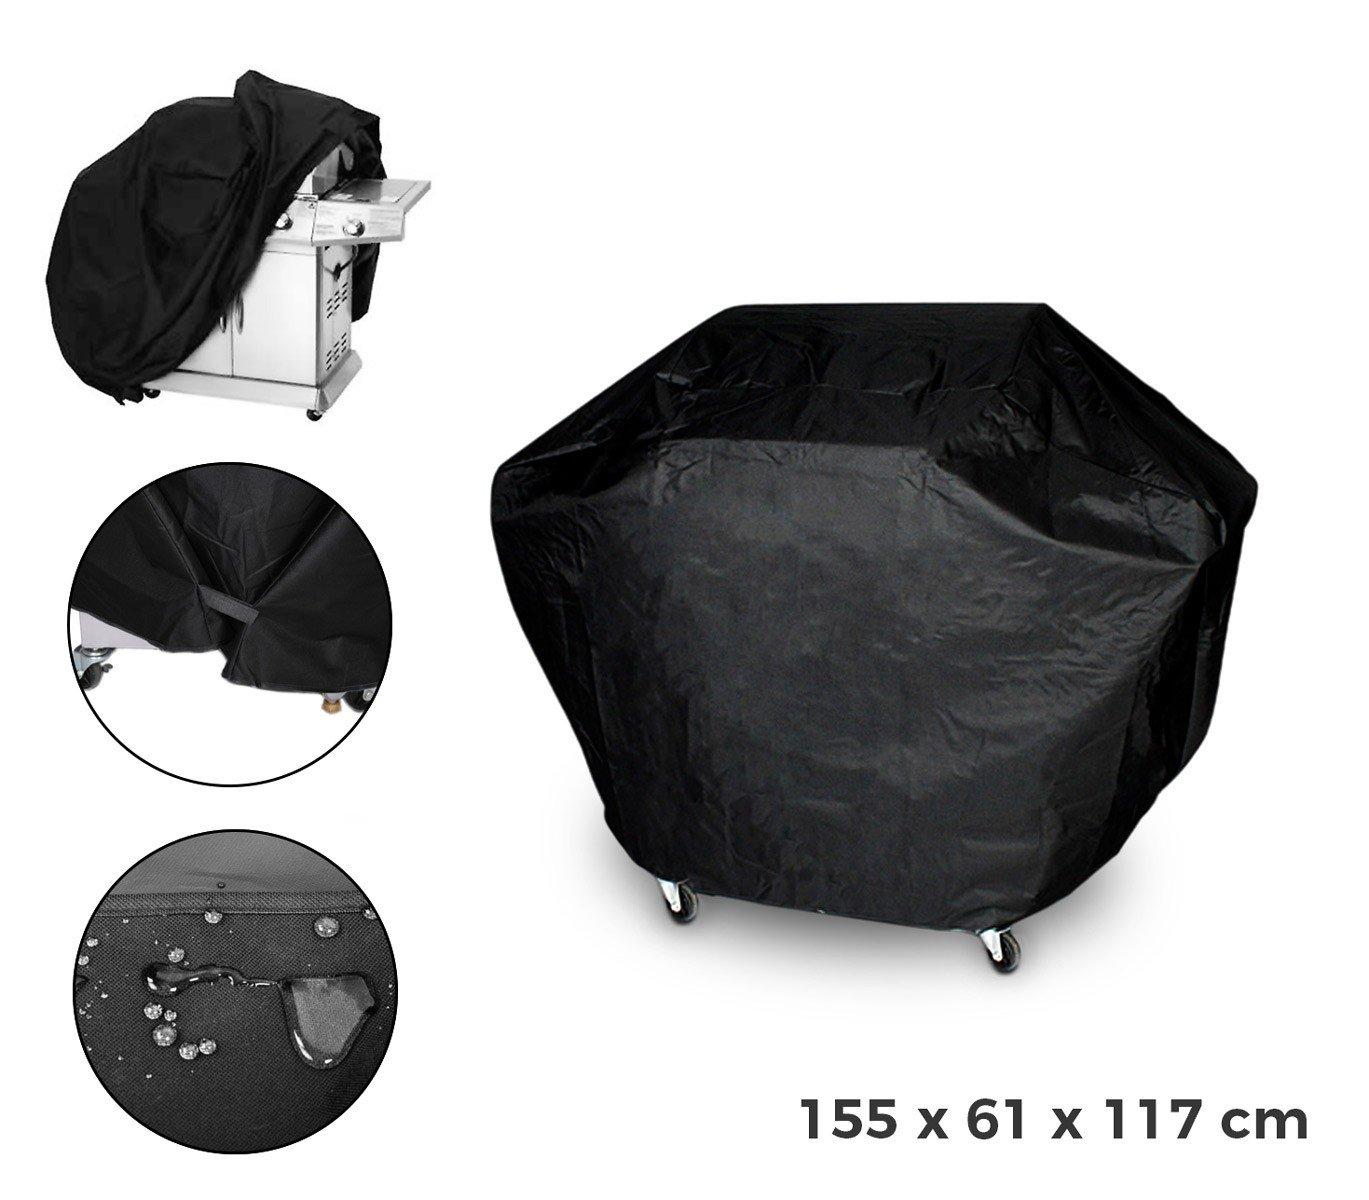 MEDIA WAVE store Telo di Copertura 4216 per Barbecue Completamente Impermeabile 155 x 61 x 117 cm